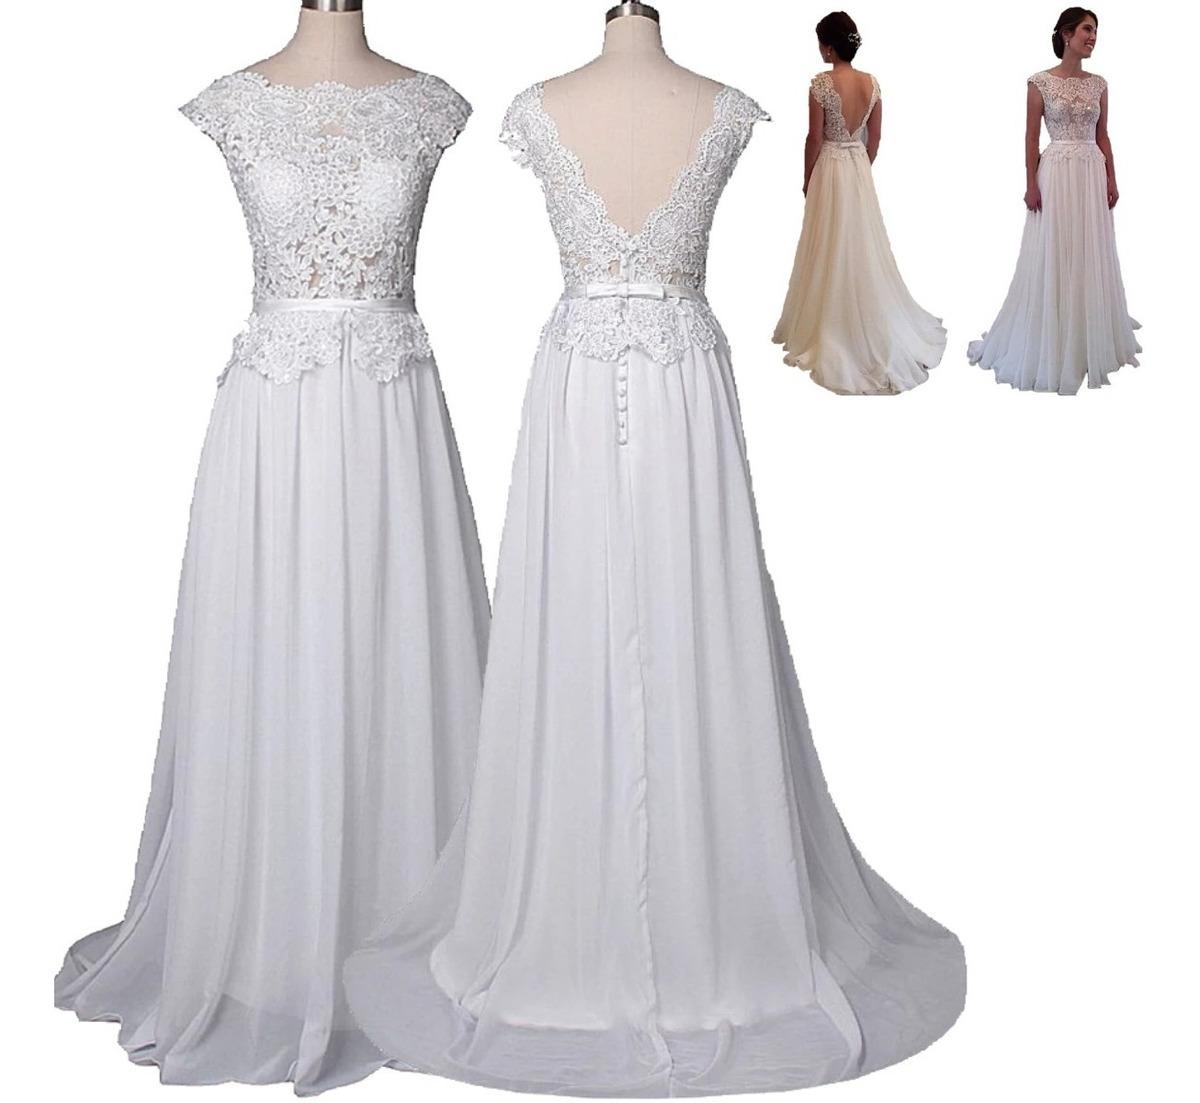 Vestido De Noiva Longo Simples Casamento Barato Pronta Entre